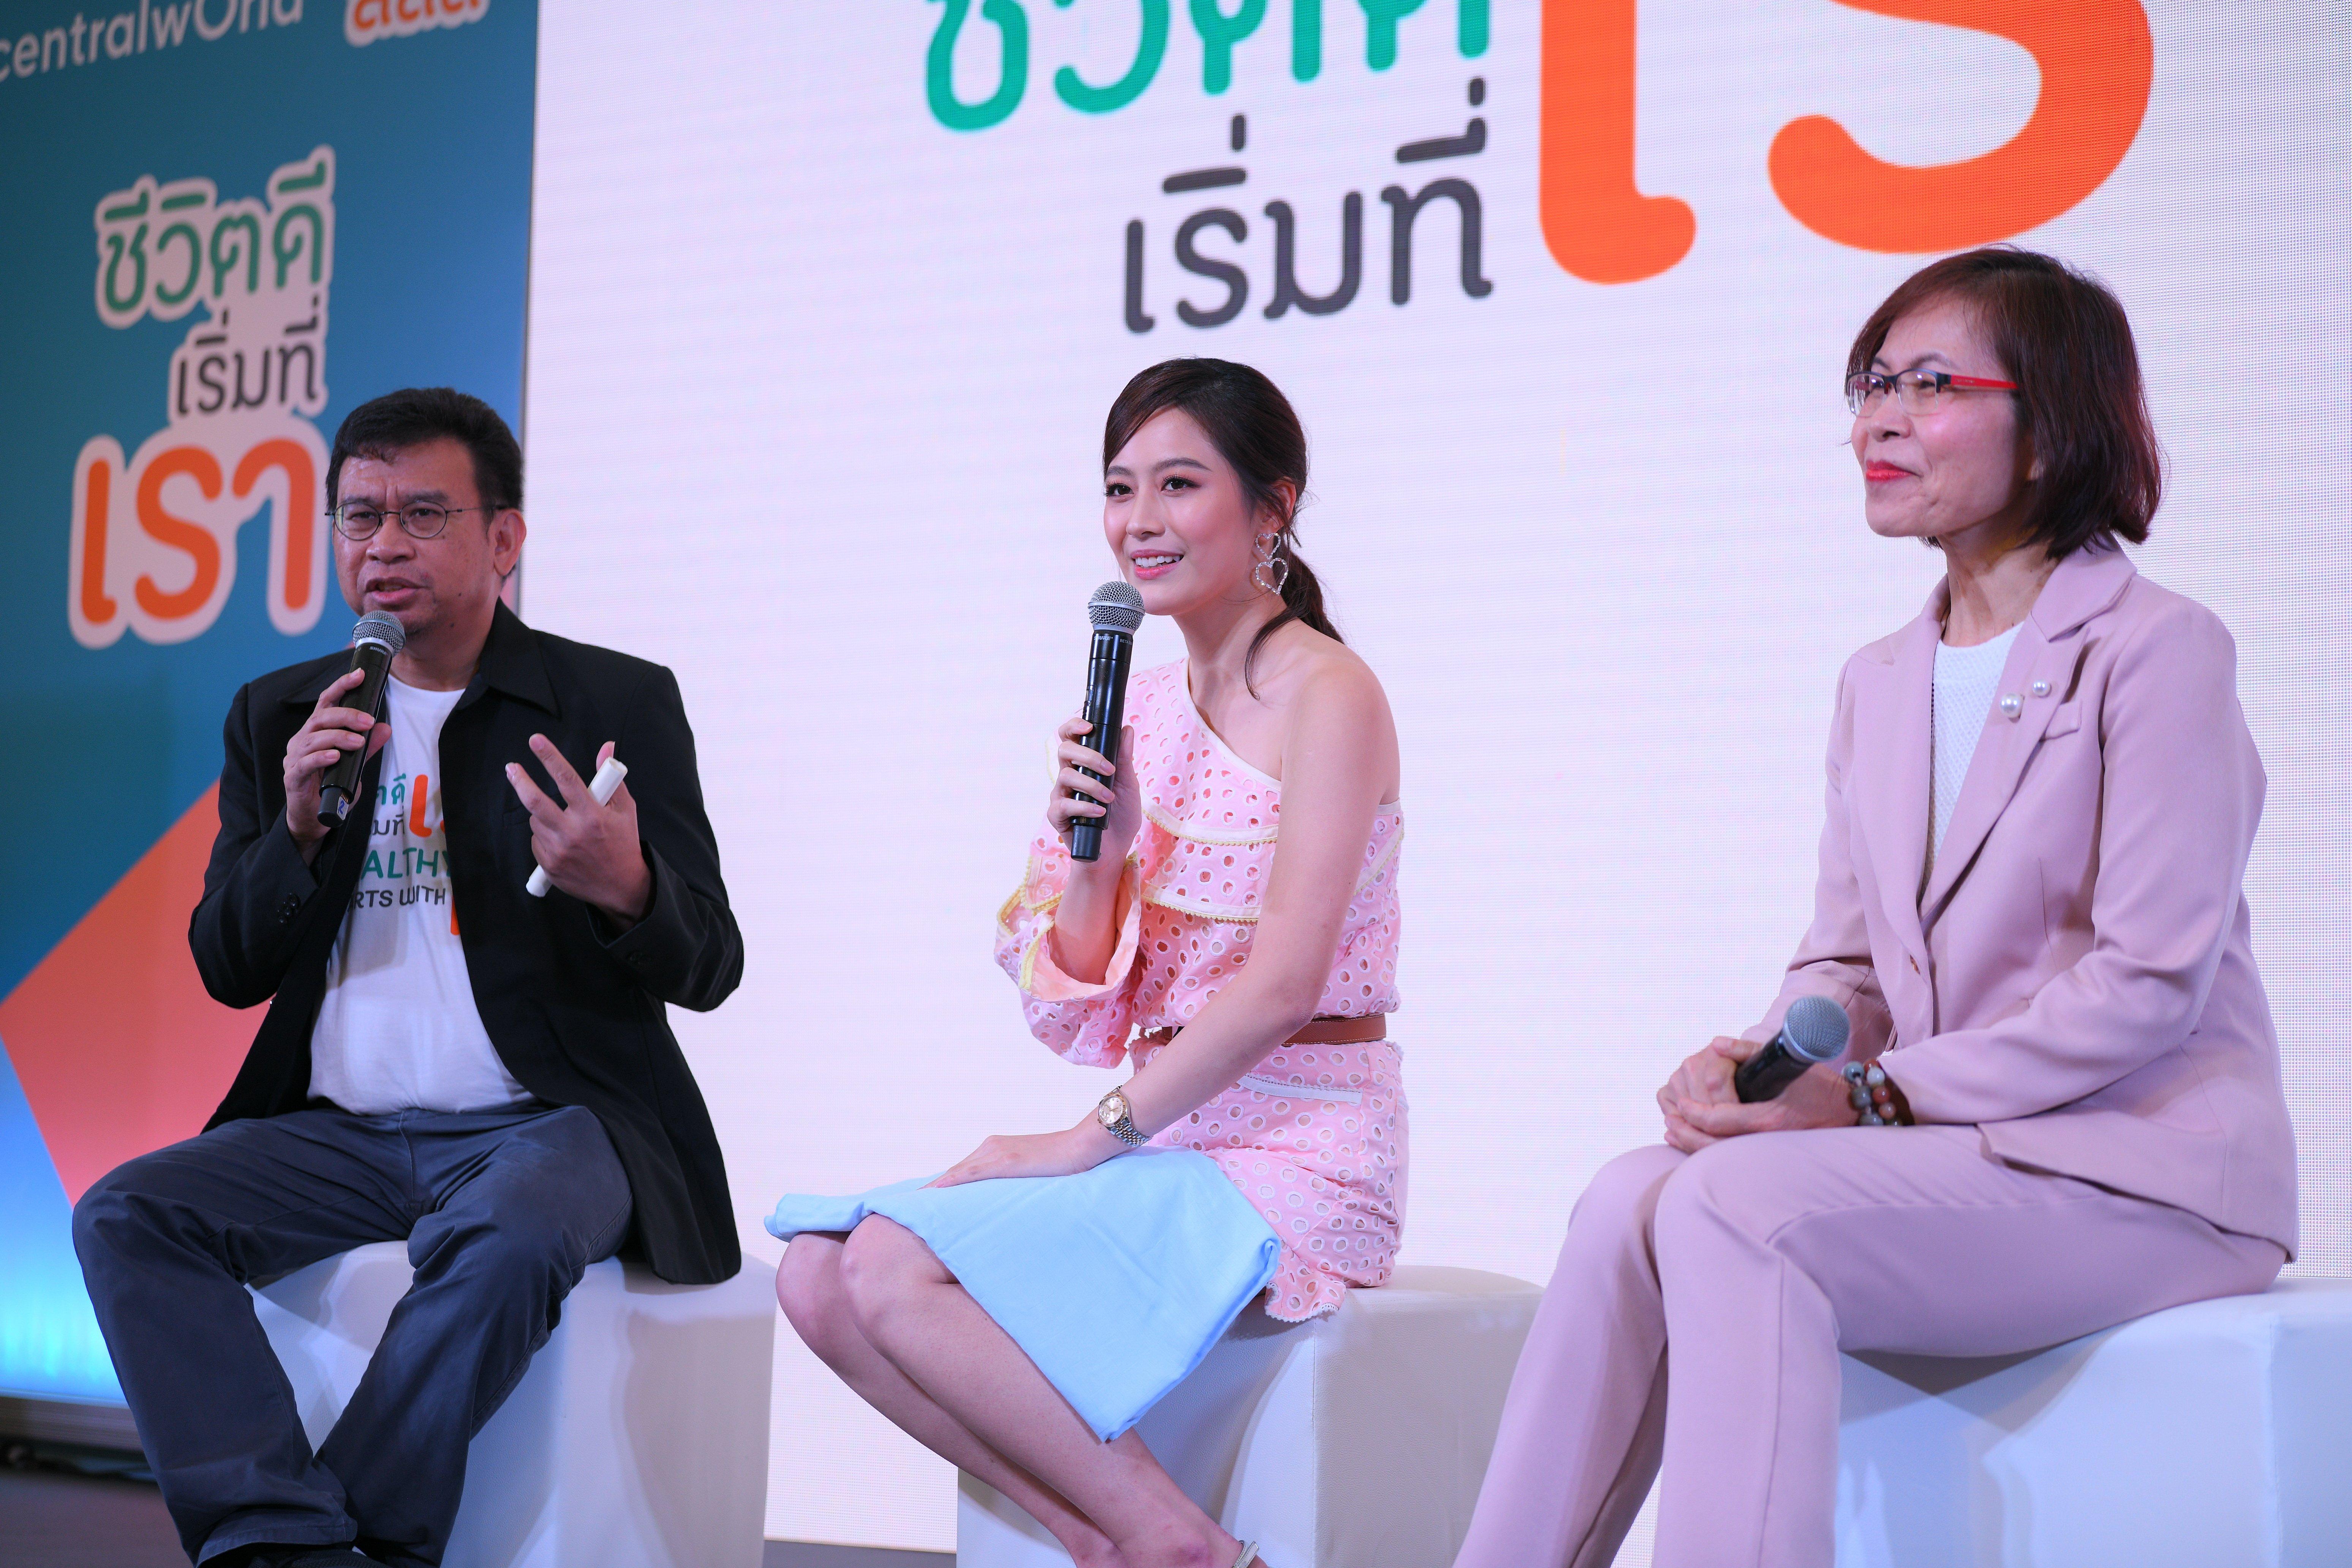 สร้างตัวตนบนโลกออนไลน์ อย่างไรให้ปลอดภัย thaihealth